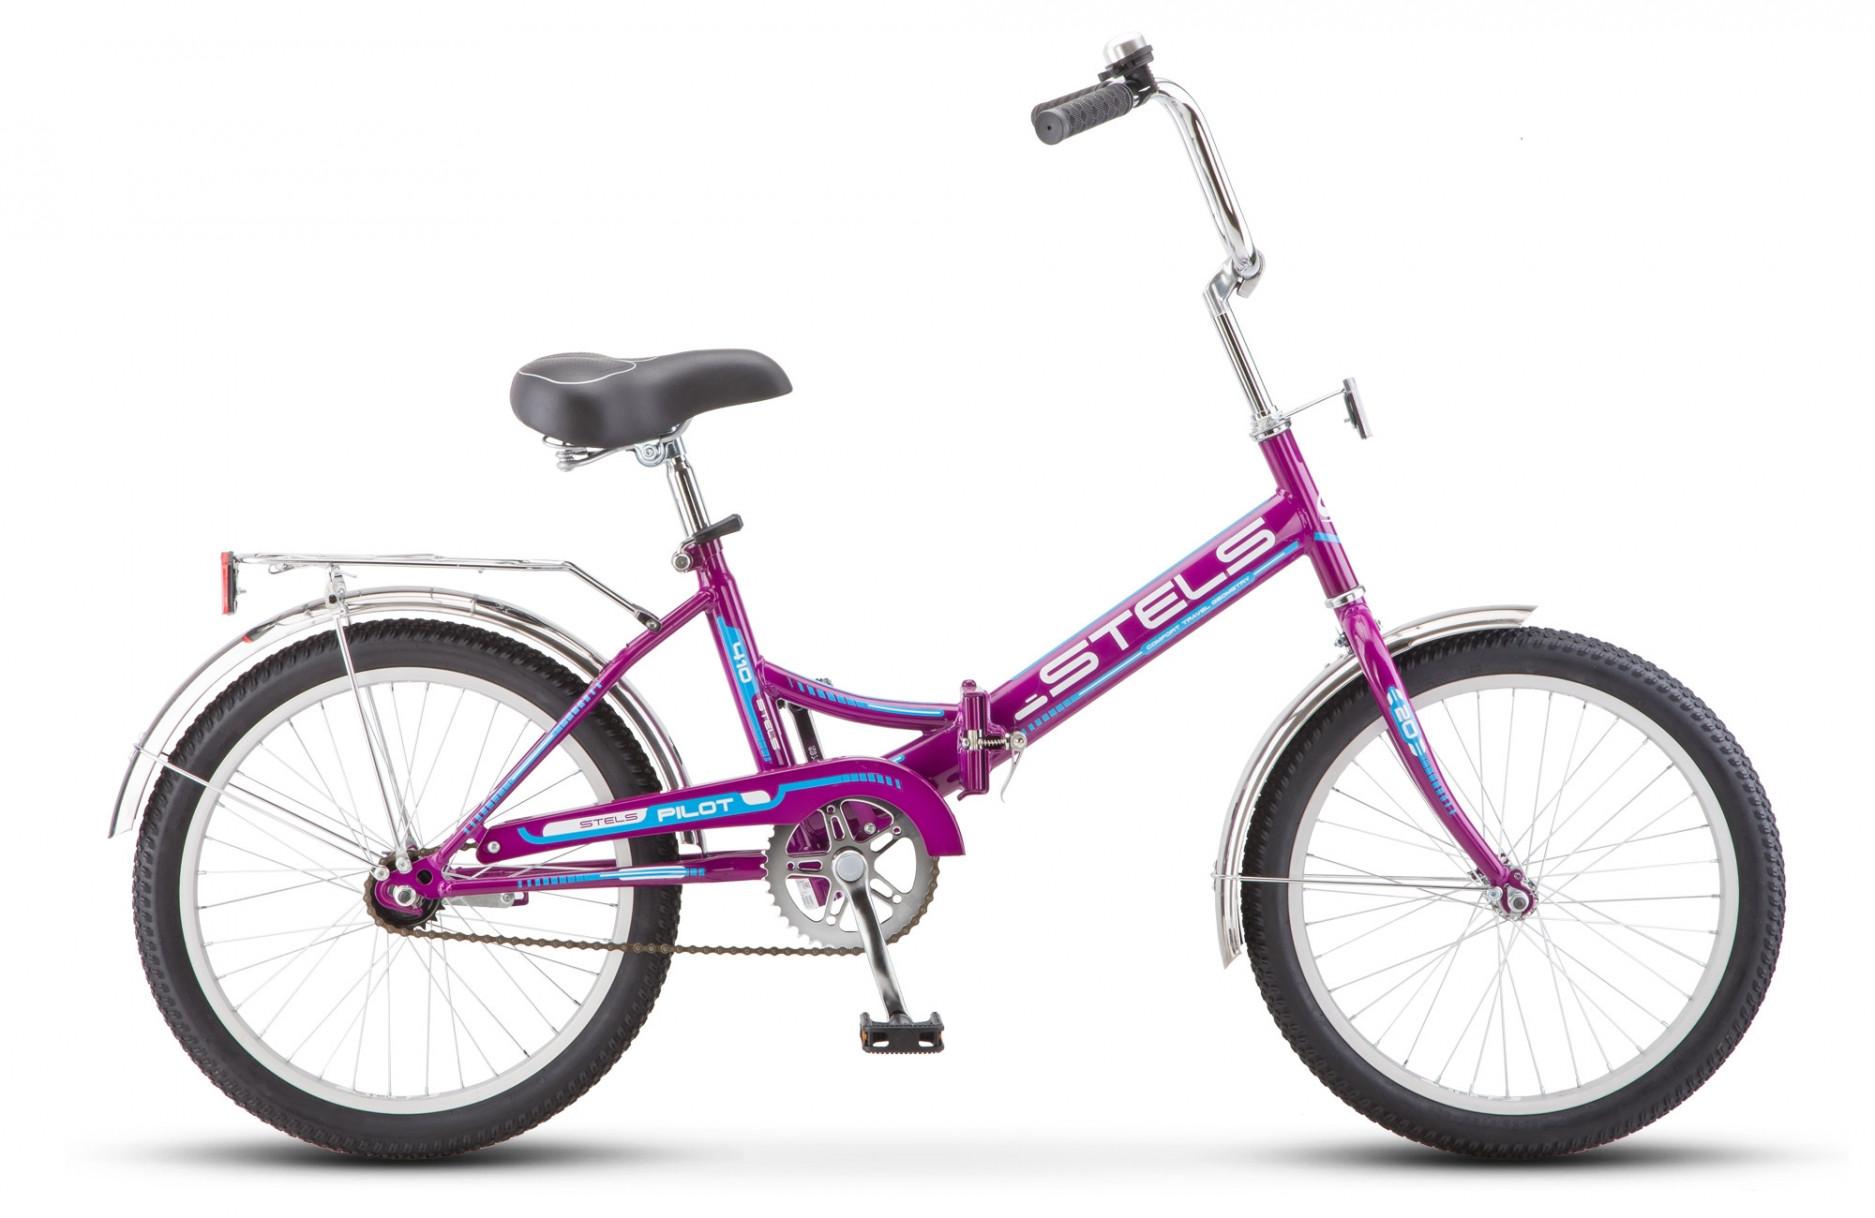 Складной велосипед Stels Pilot-410 2018 Z011 фиолетовый